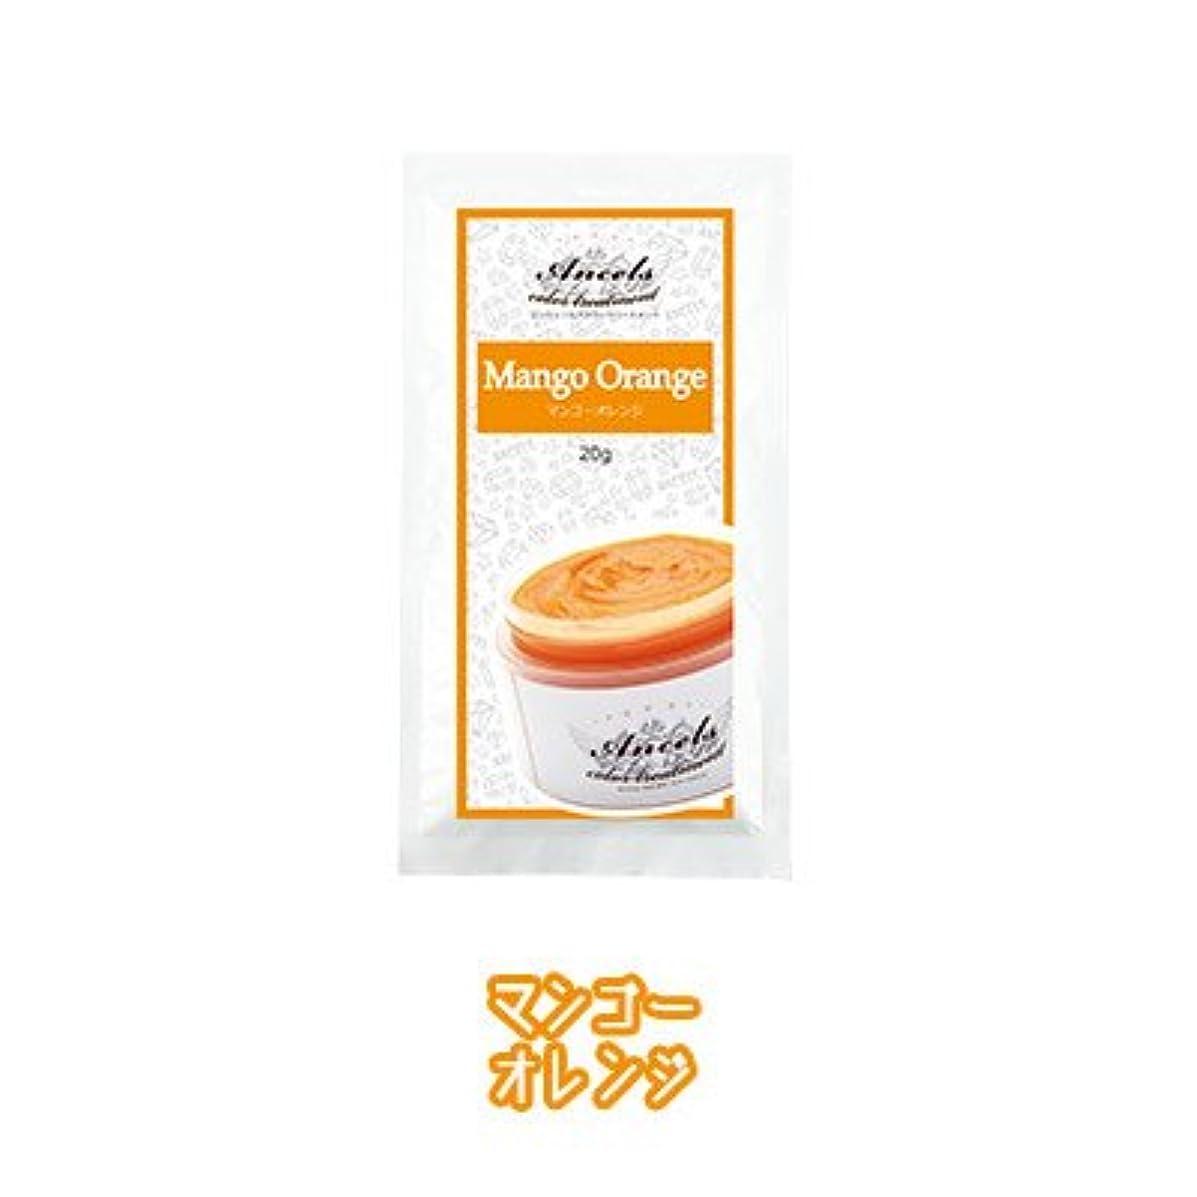 時第食物エンシェールズ カラートリートメントバター プチ(お試しサイズ) マンゴーオレンジ 20g